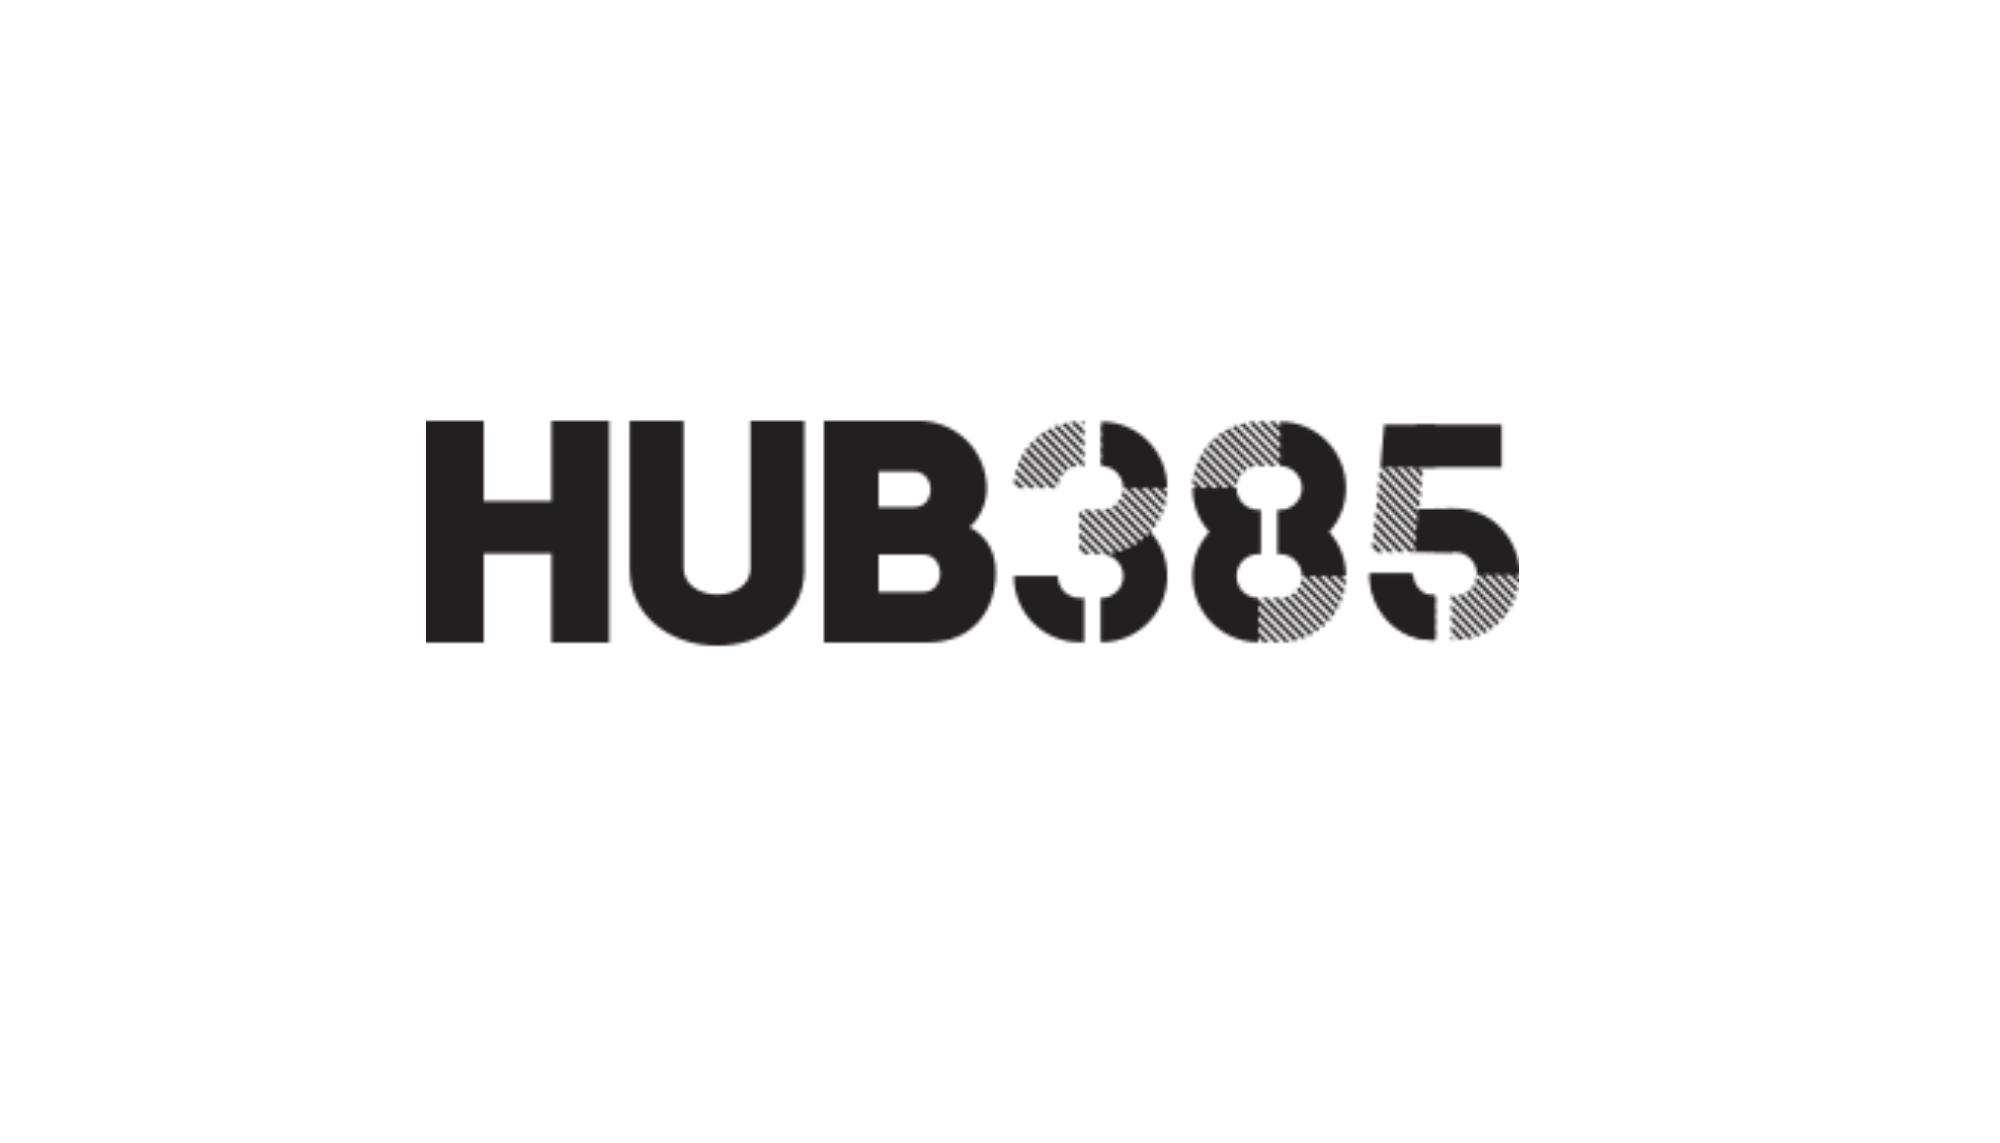 Radionica PROCJENA INOVACIJSKE POLITIKE održana 26. studenoga 2018. godine u prostorijama HUB385